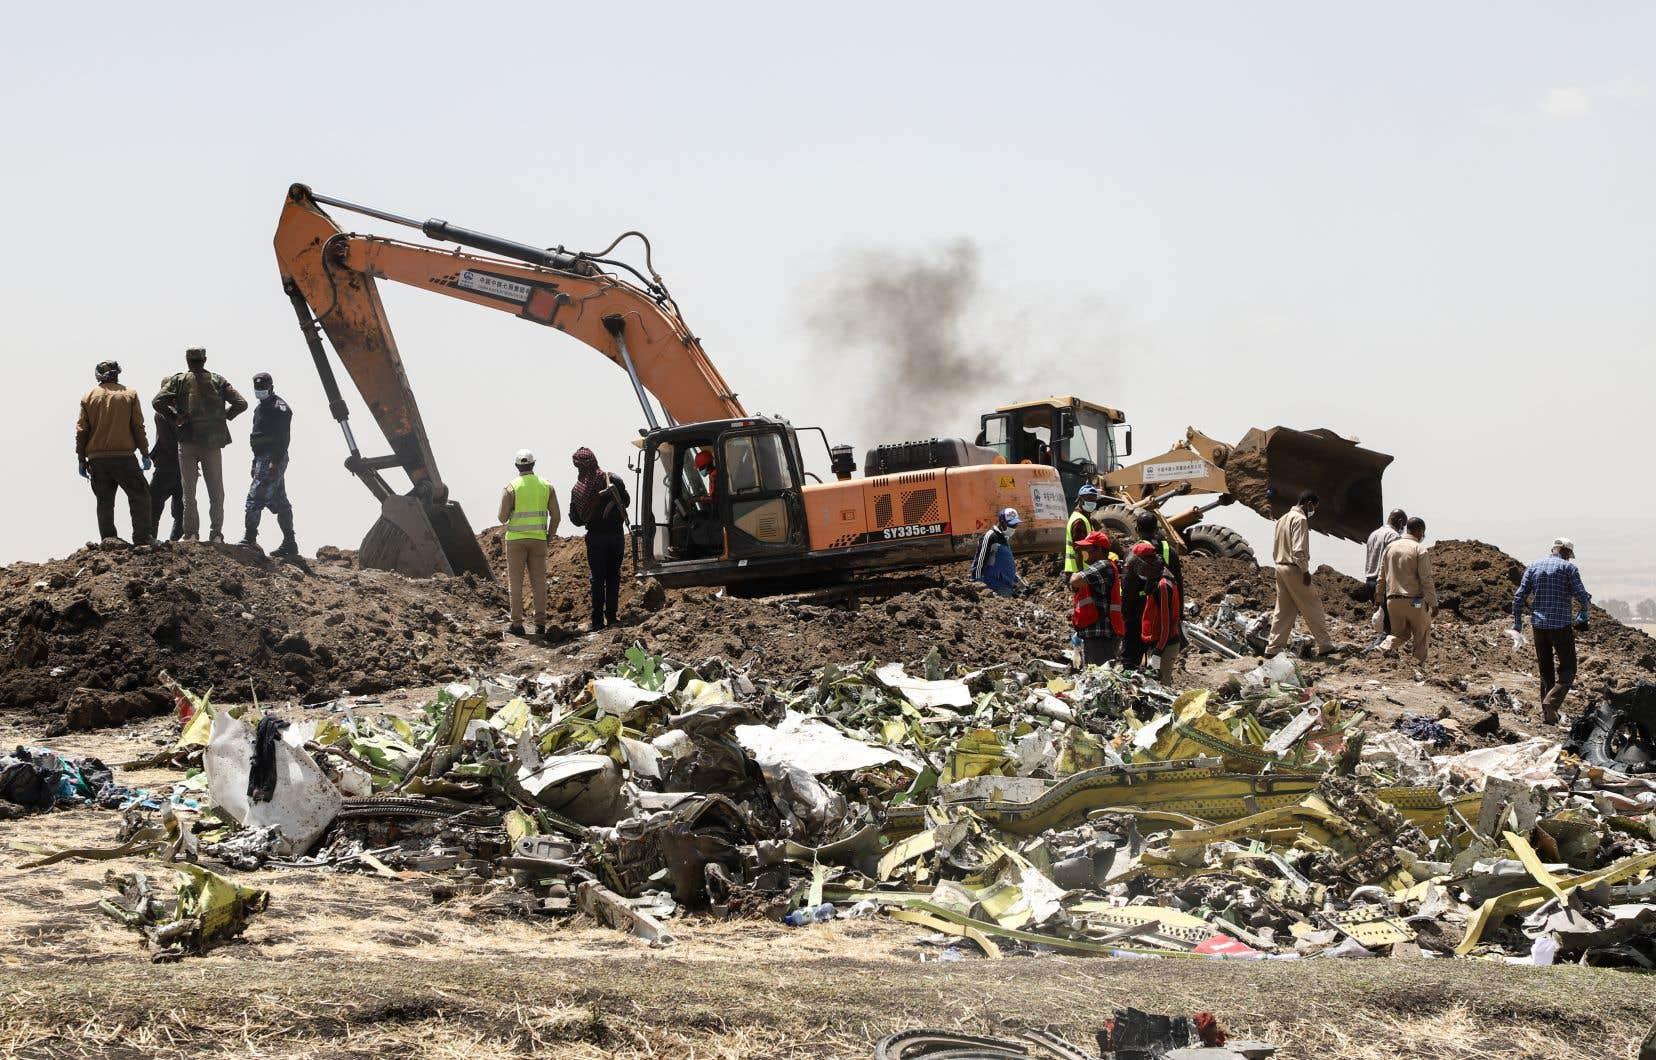 L'avion a été pulvérisé à l'impact, rendant difficile le travail d'identification des restes des victimes. Les analyses ADN pourraient prendre jusqu'à six mois.